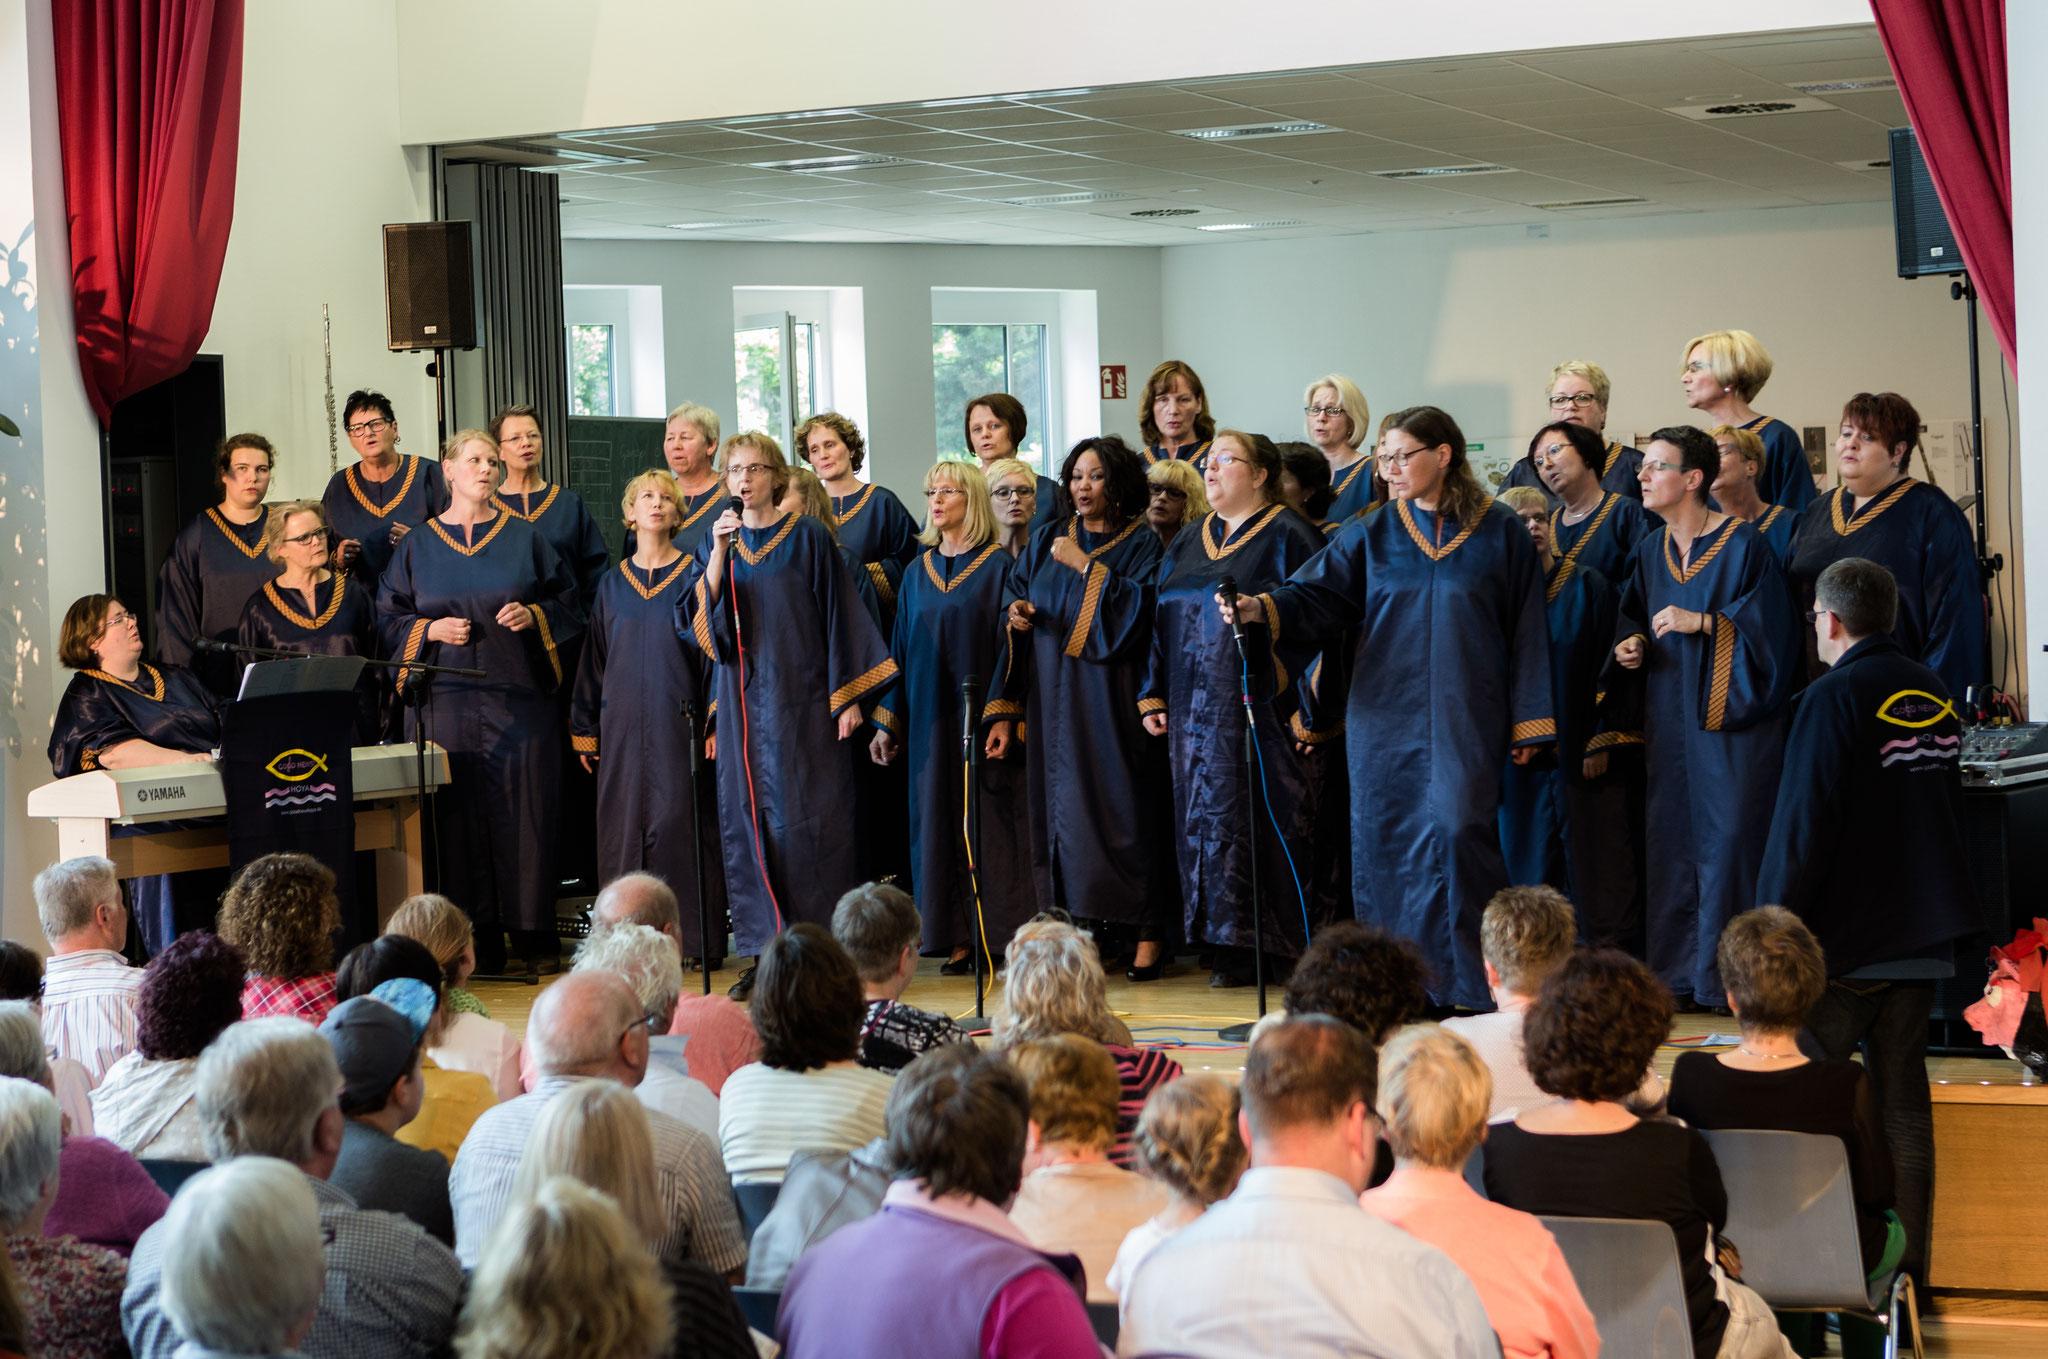 Jubiläumskonzert zum 15-jährigen Bestehen in der Aula der Grundschule Hoya, 18.06.2016